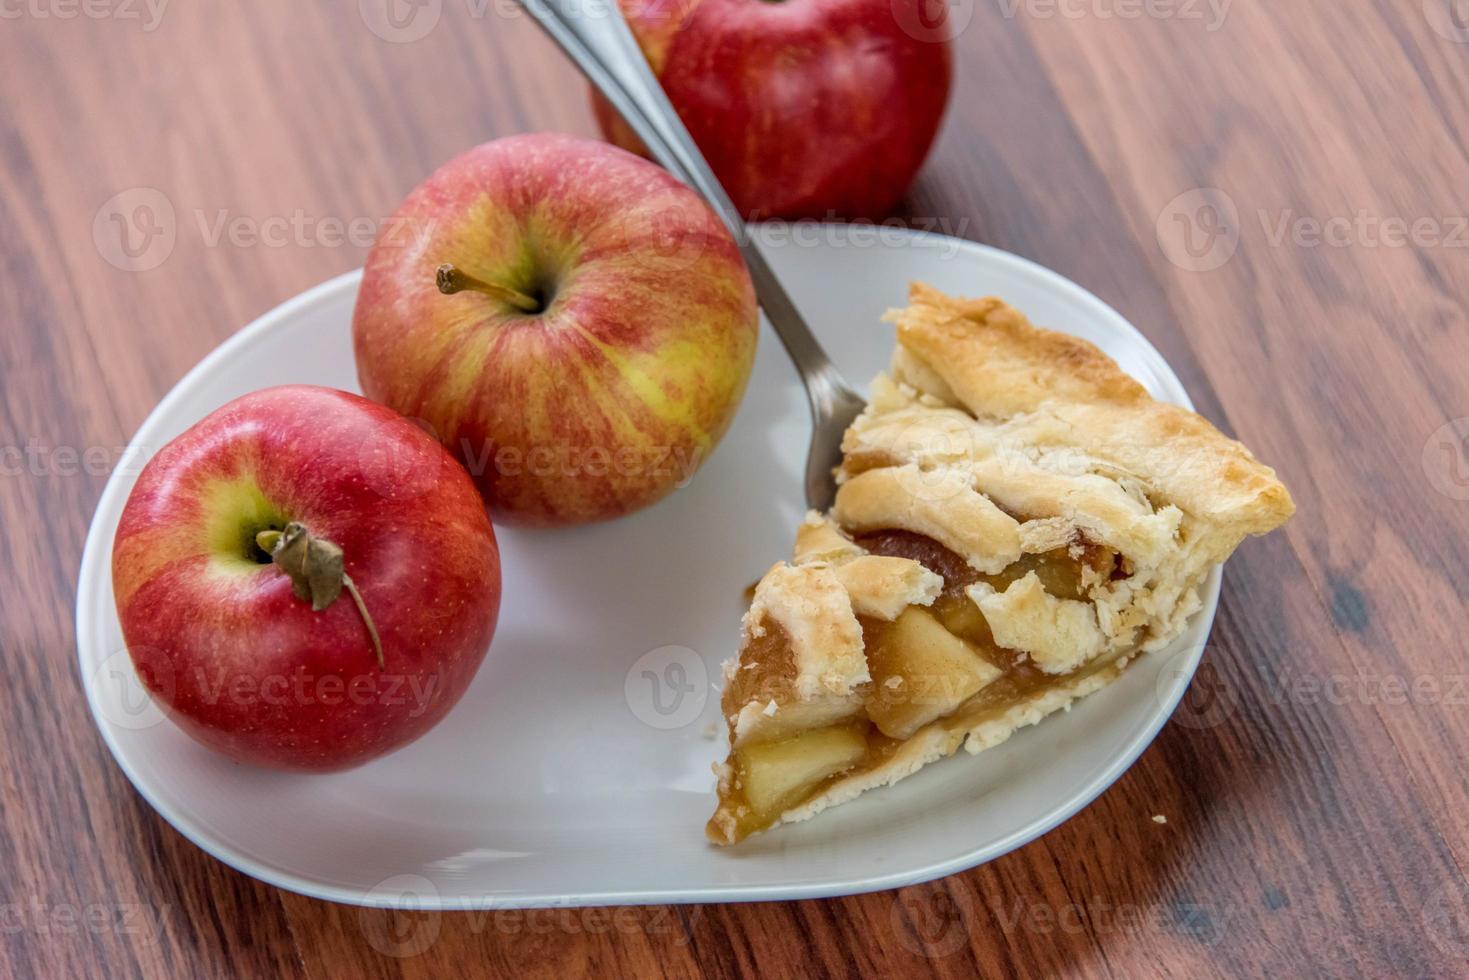 pastel de manzana en rodajas recién horneado foto